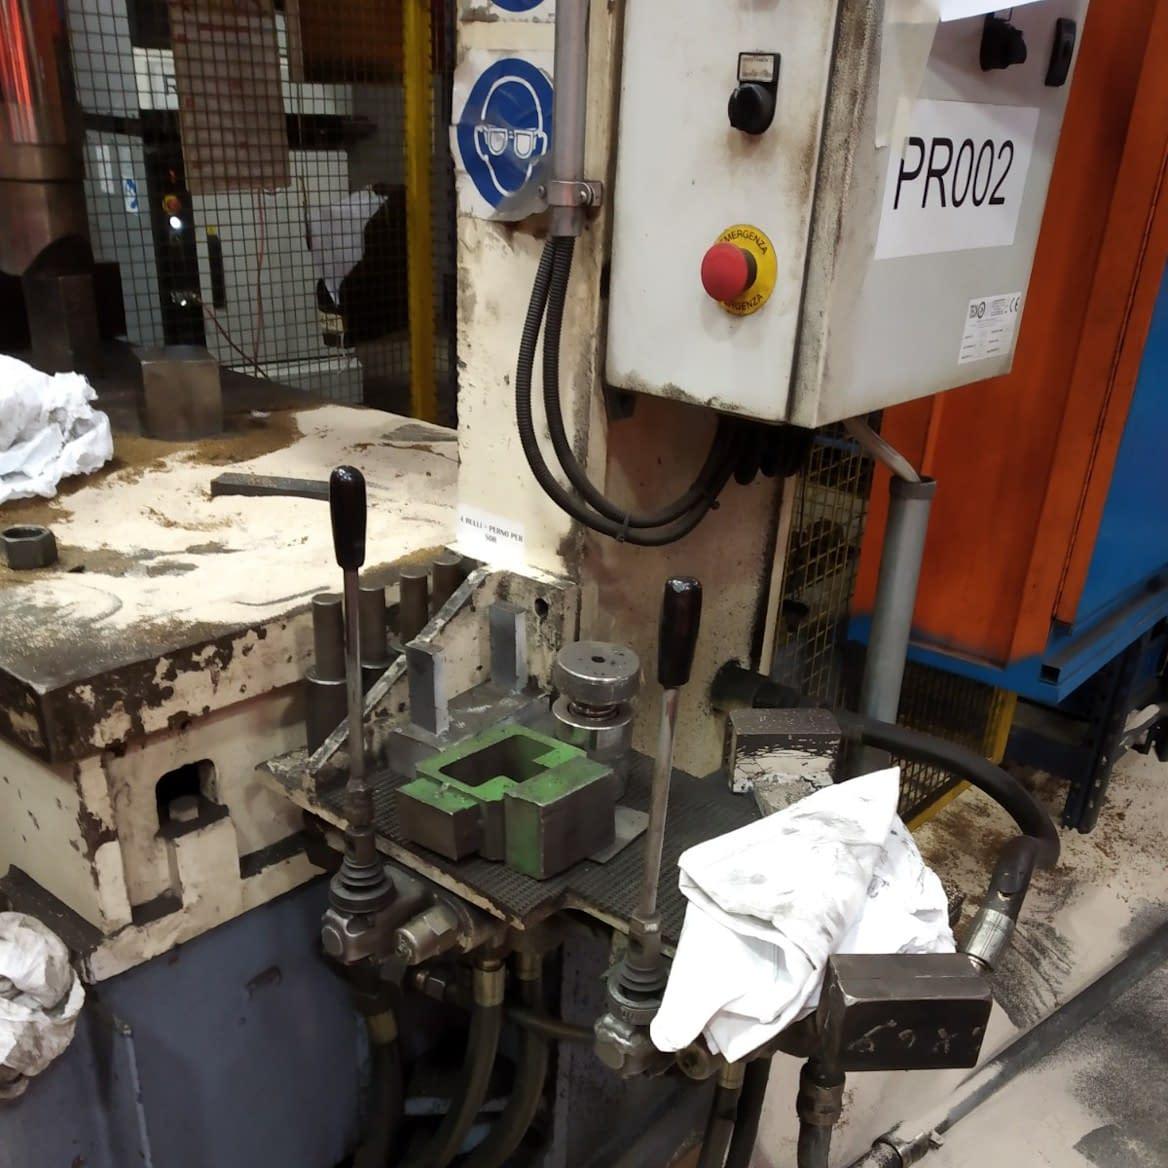 Revamping macchinari industriali 11